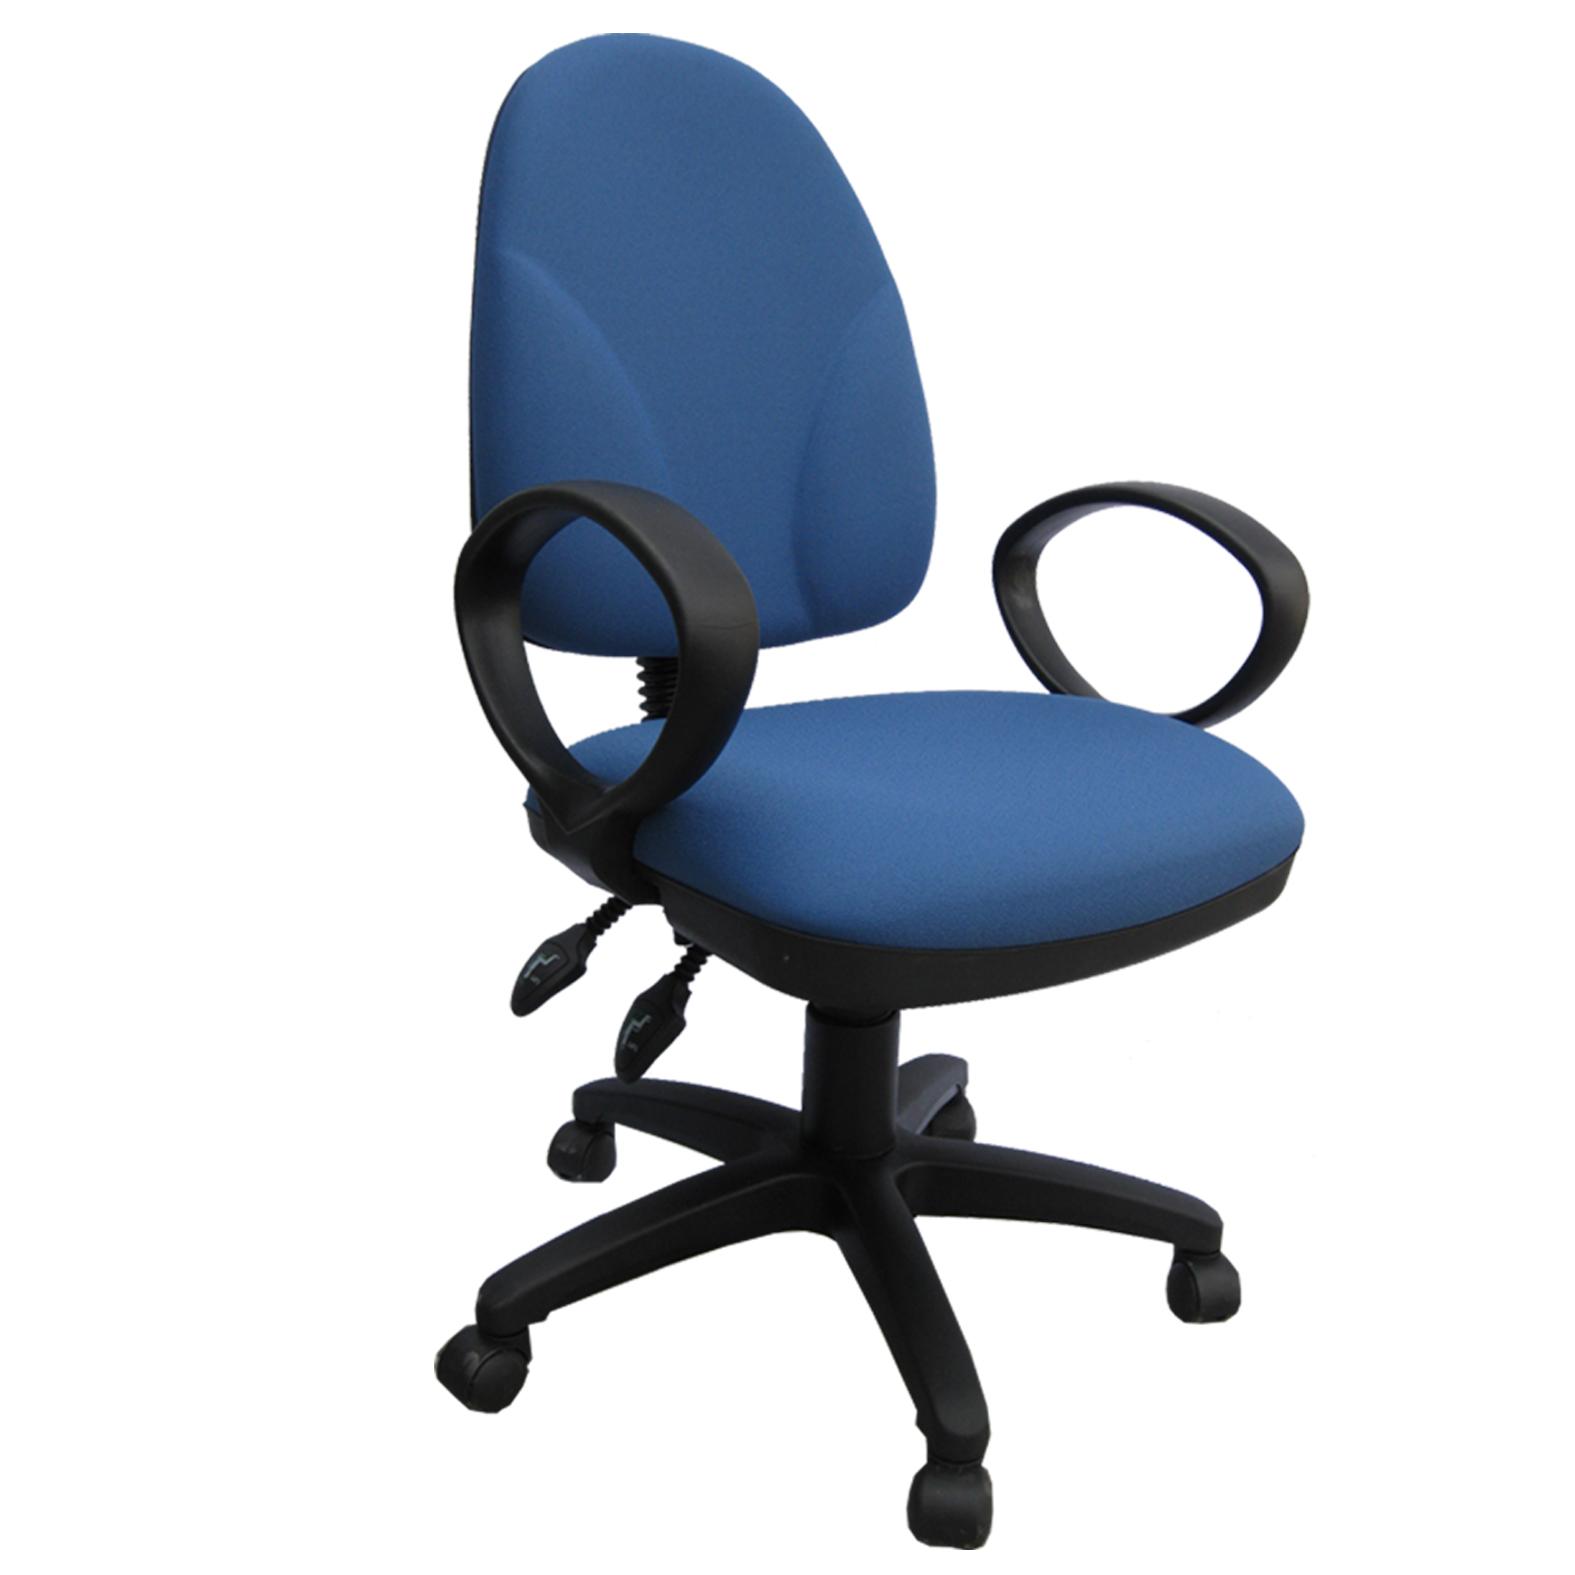 Silla secretarial 600 br 14 pl grupo meta soluciones de for Sillas de oficina